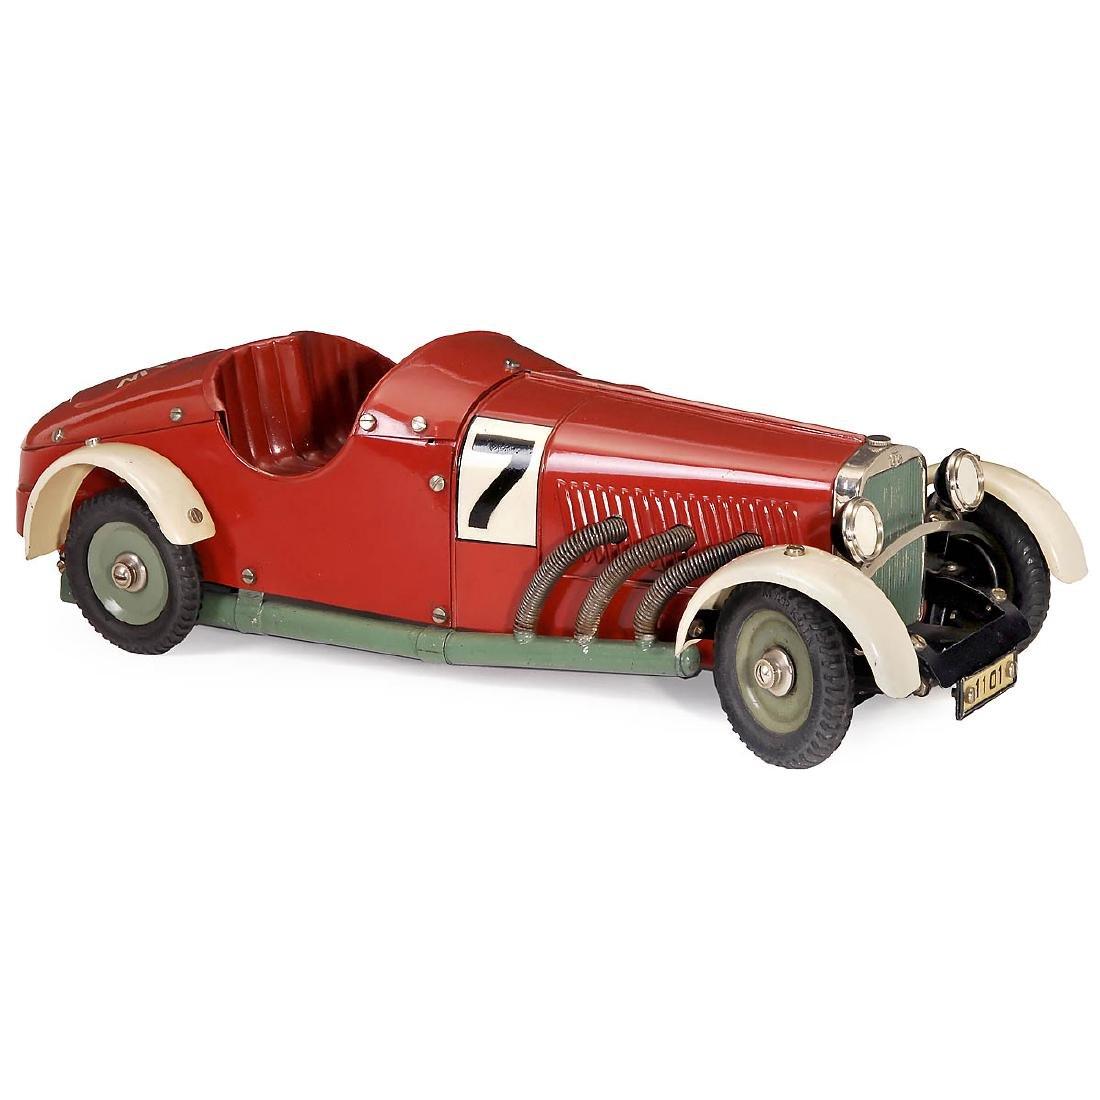 Märklin Racing Car No. 1107R, c. 1936